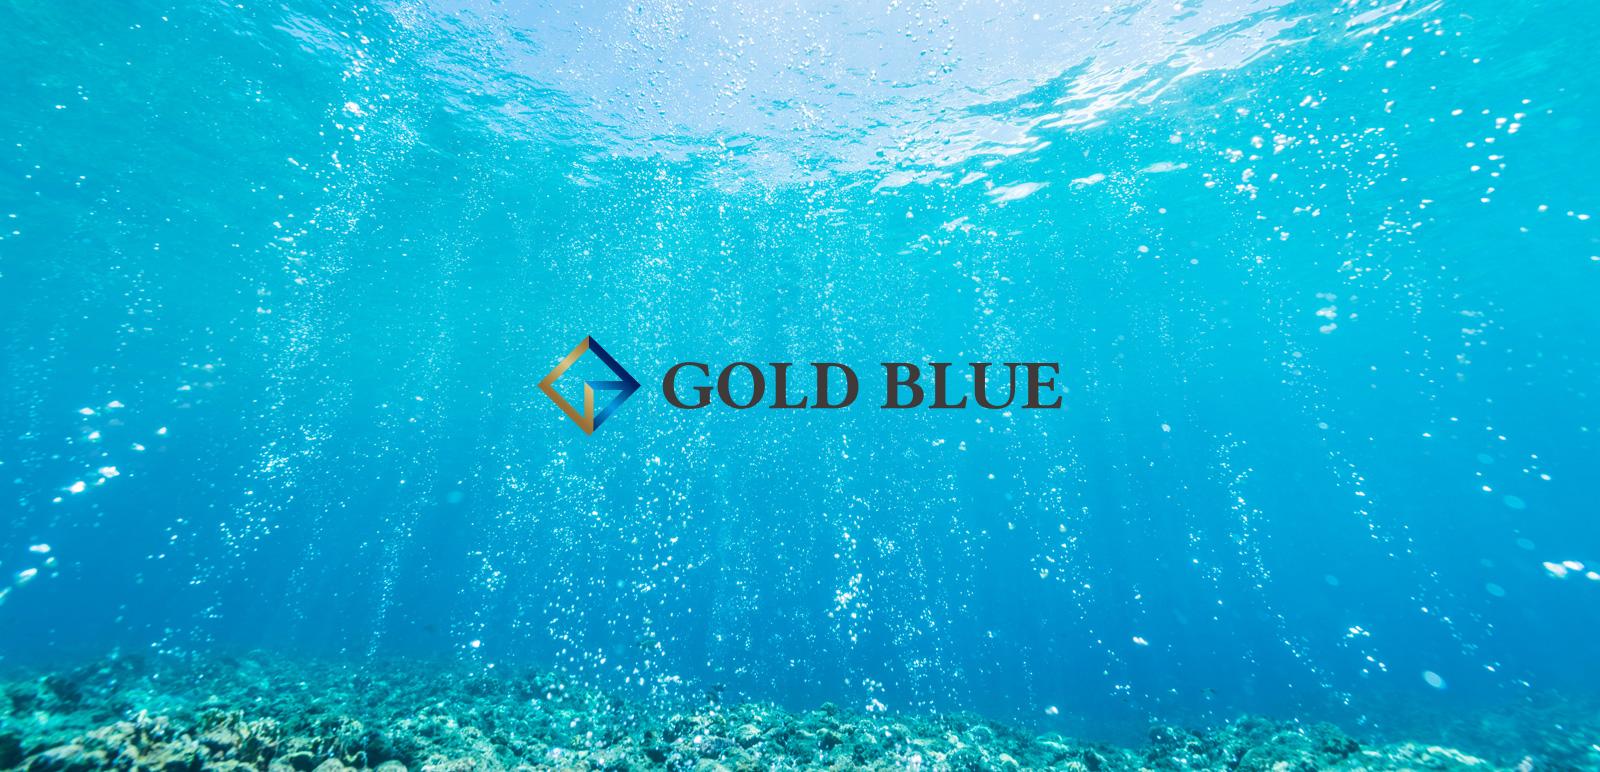 アカモク青汁 健康食品 化粧品 gold blue通販サイト